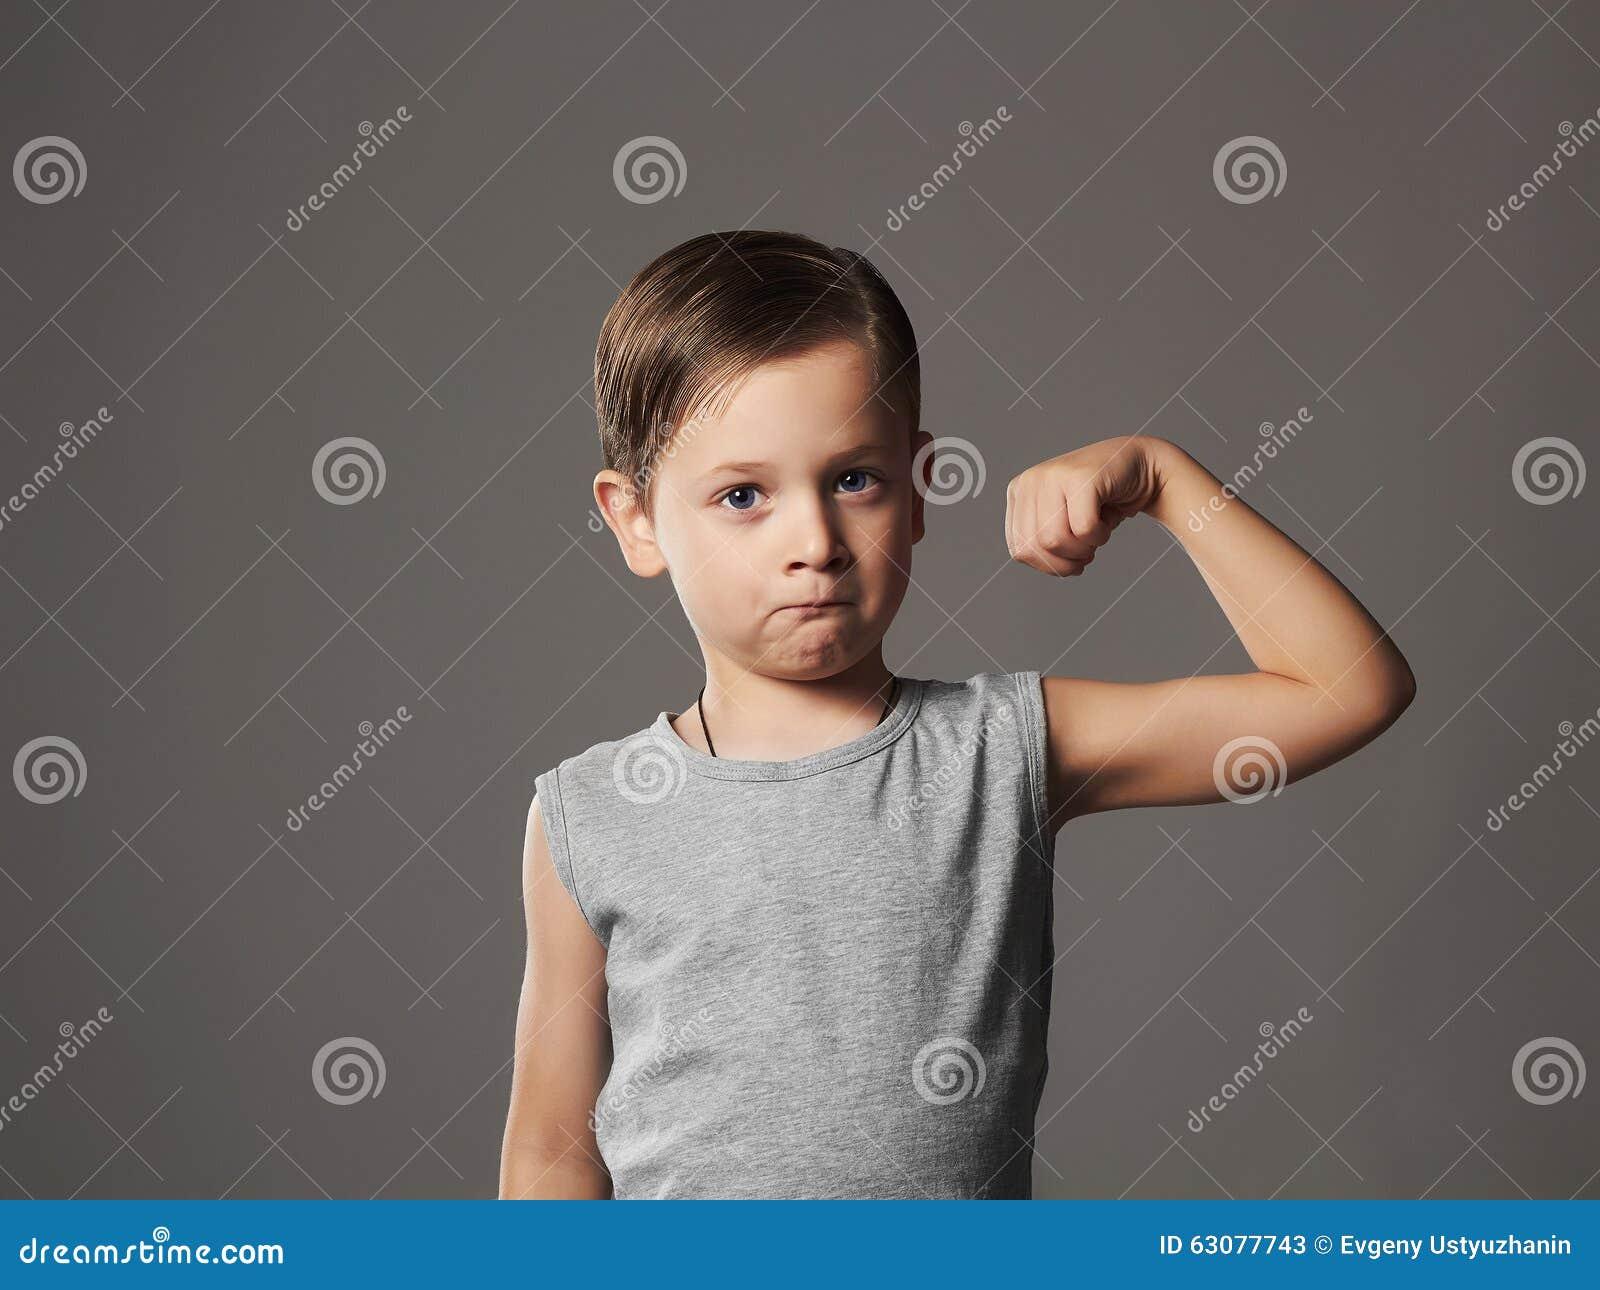 Download Enfant Petit Garçon Drôle Représentation De Ses Muscles De Biceps De Main Intense Bodybuilder Image stock - Image du biceps, gosse: 63077743